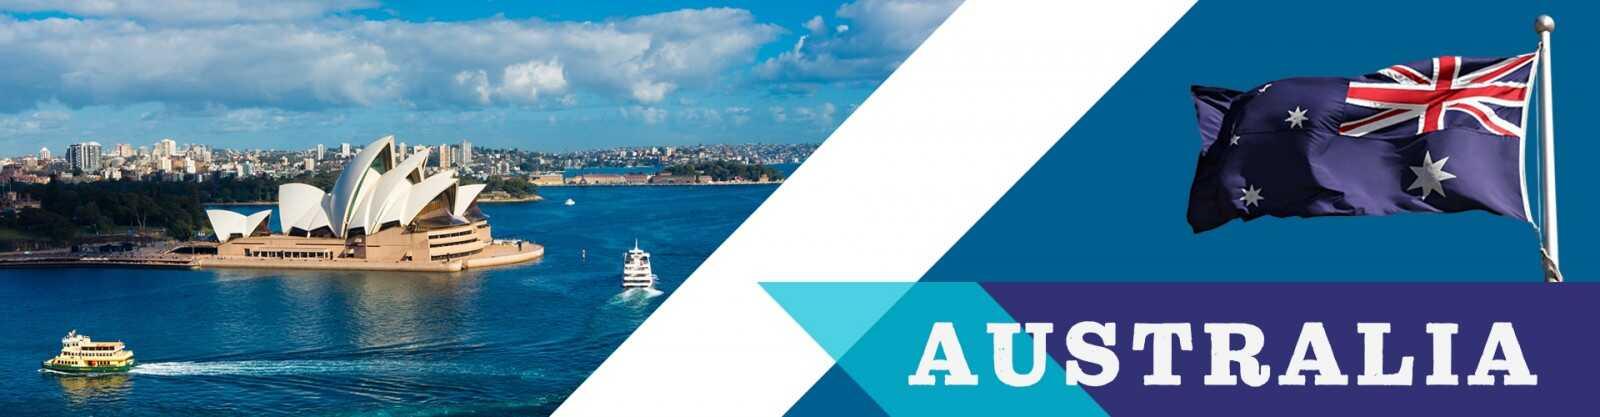 Australia Visa Consult